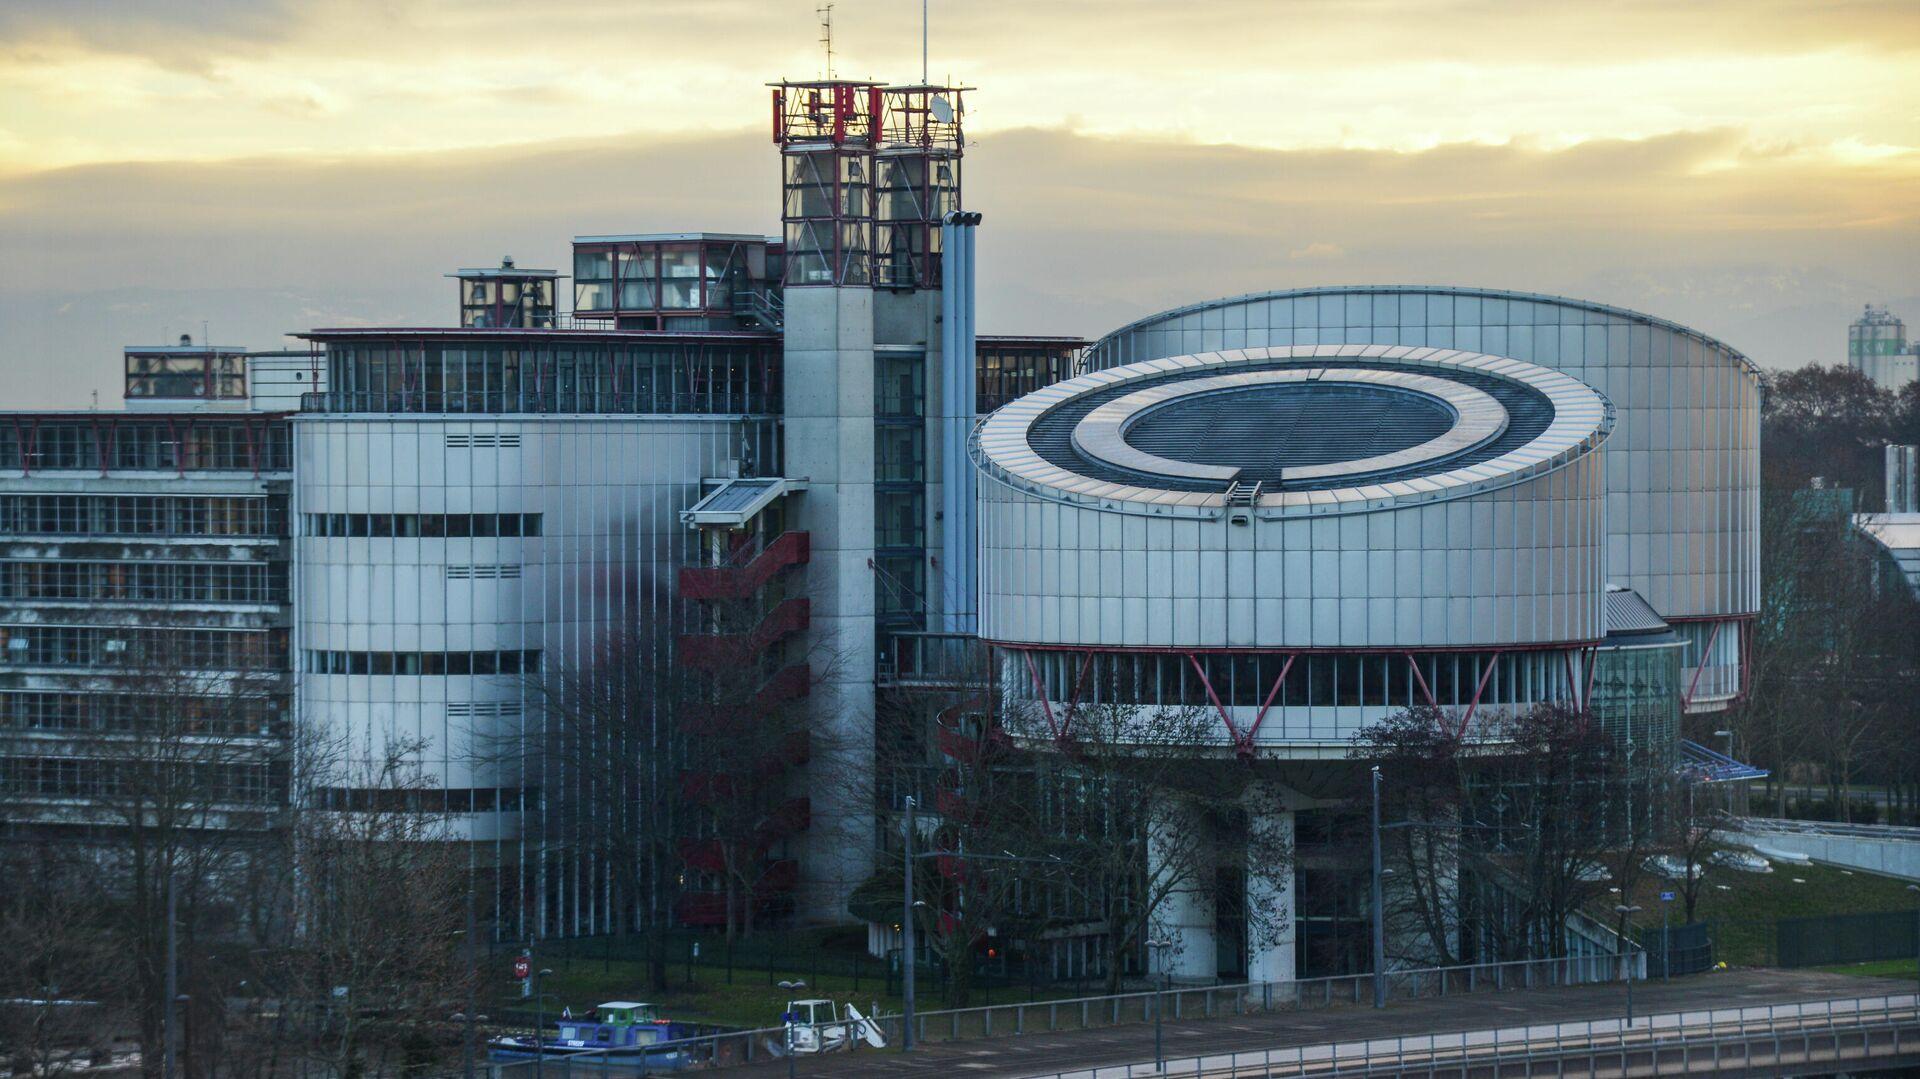 Europäischer Gerichtshof für Menschenrechte in Straßburg (Archivbild) - SNA, 1920, 23.07.2021